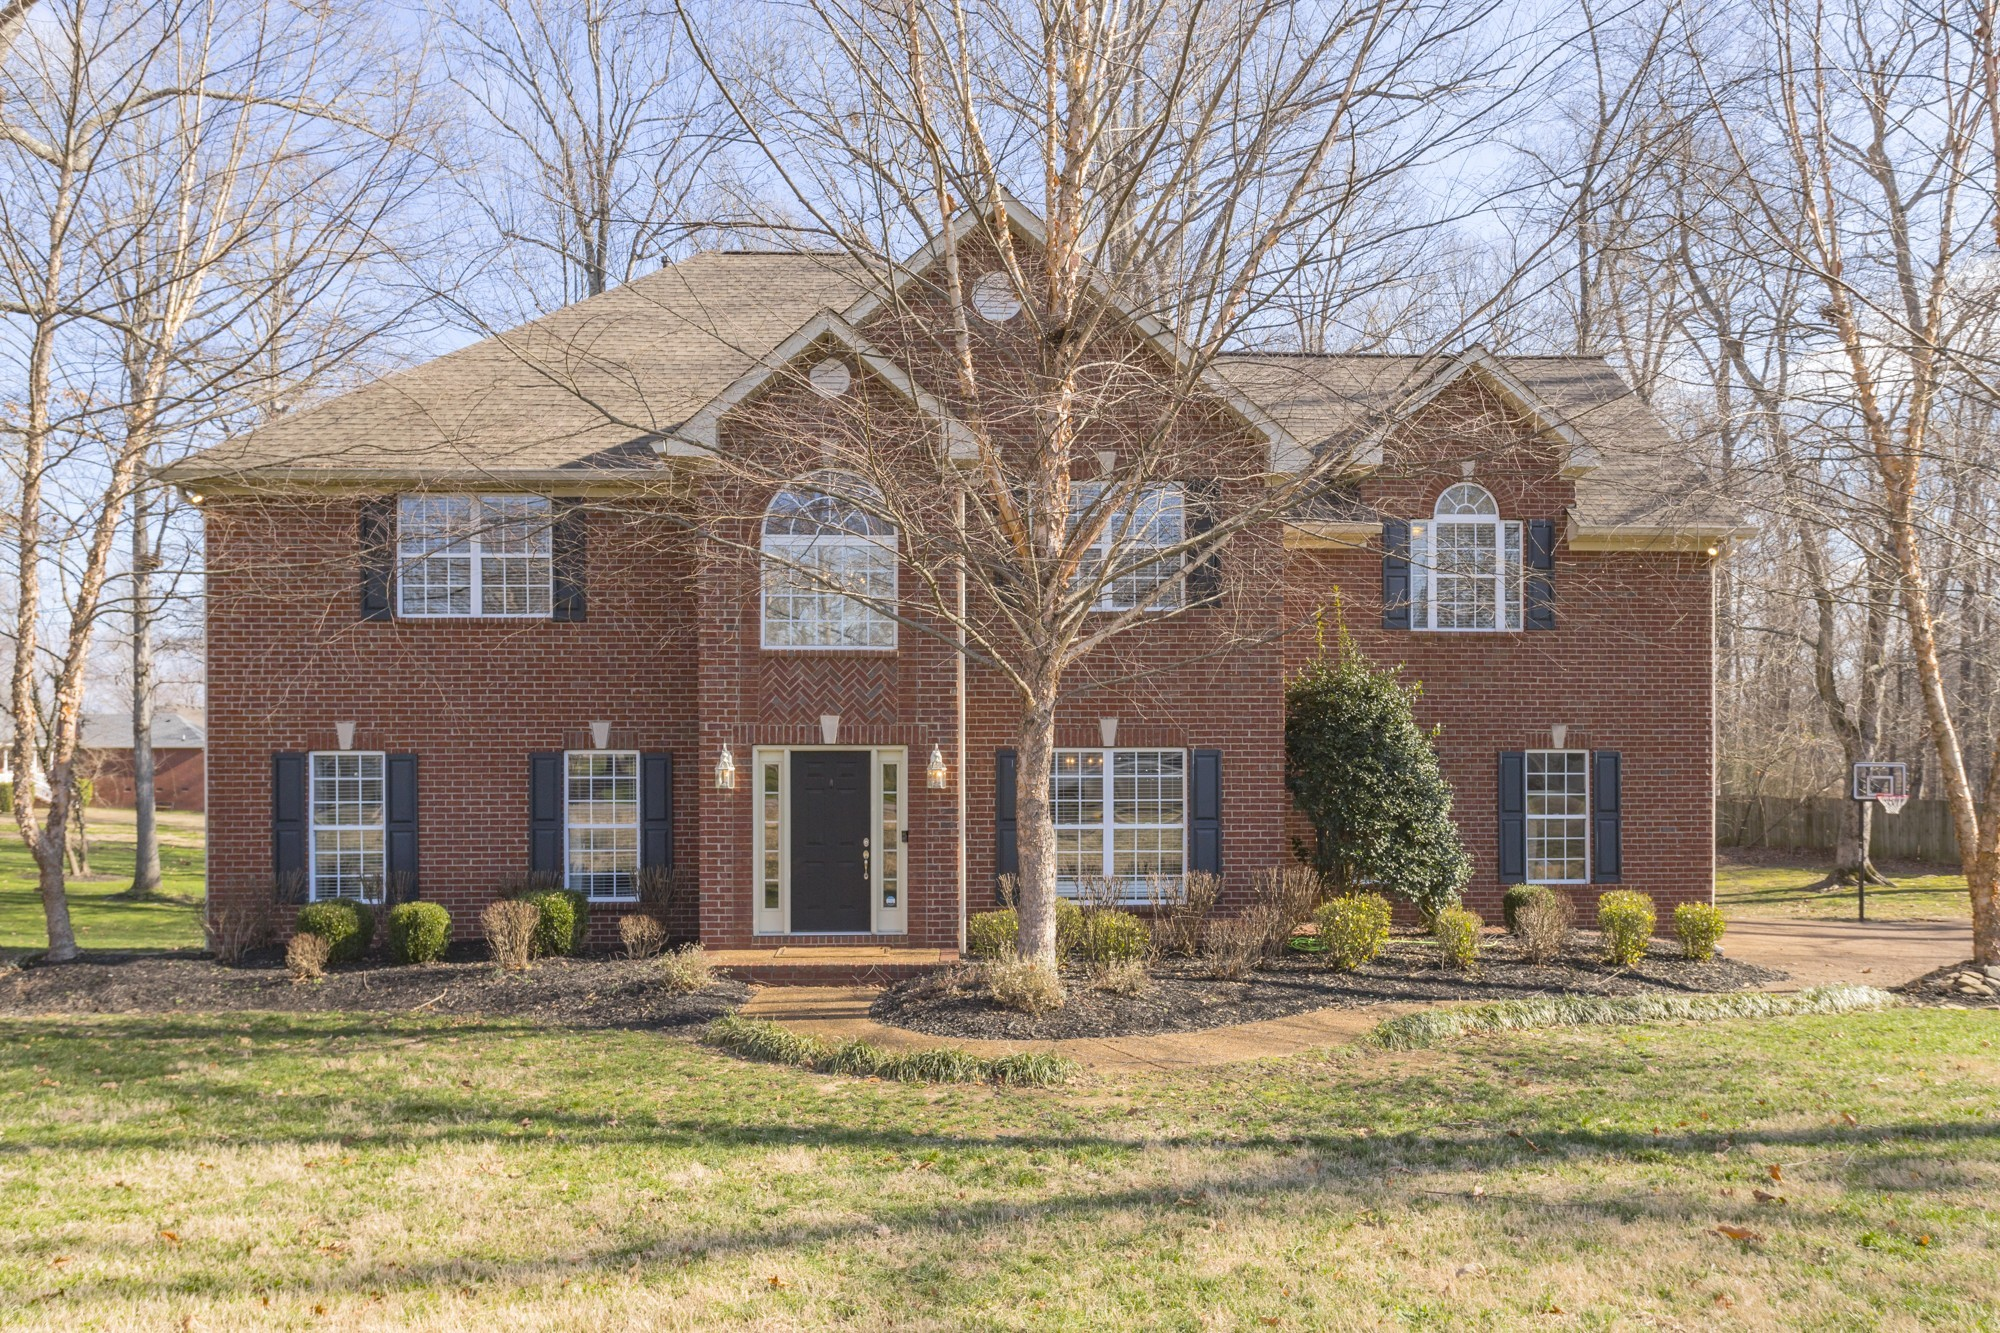 1003 Ridglea Drive, Burns, TN 37029 - Burns, TN real estate listing